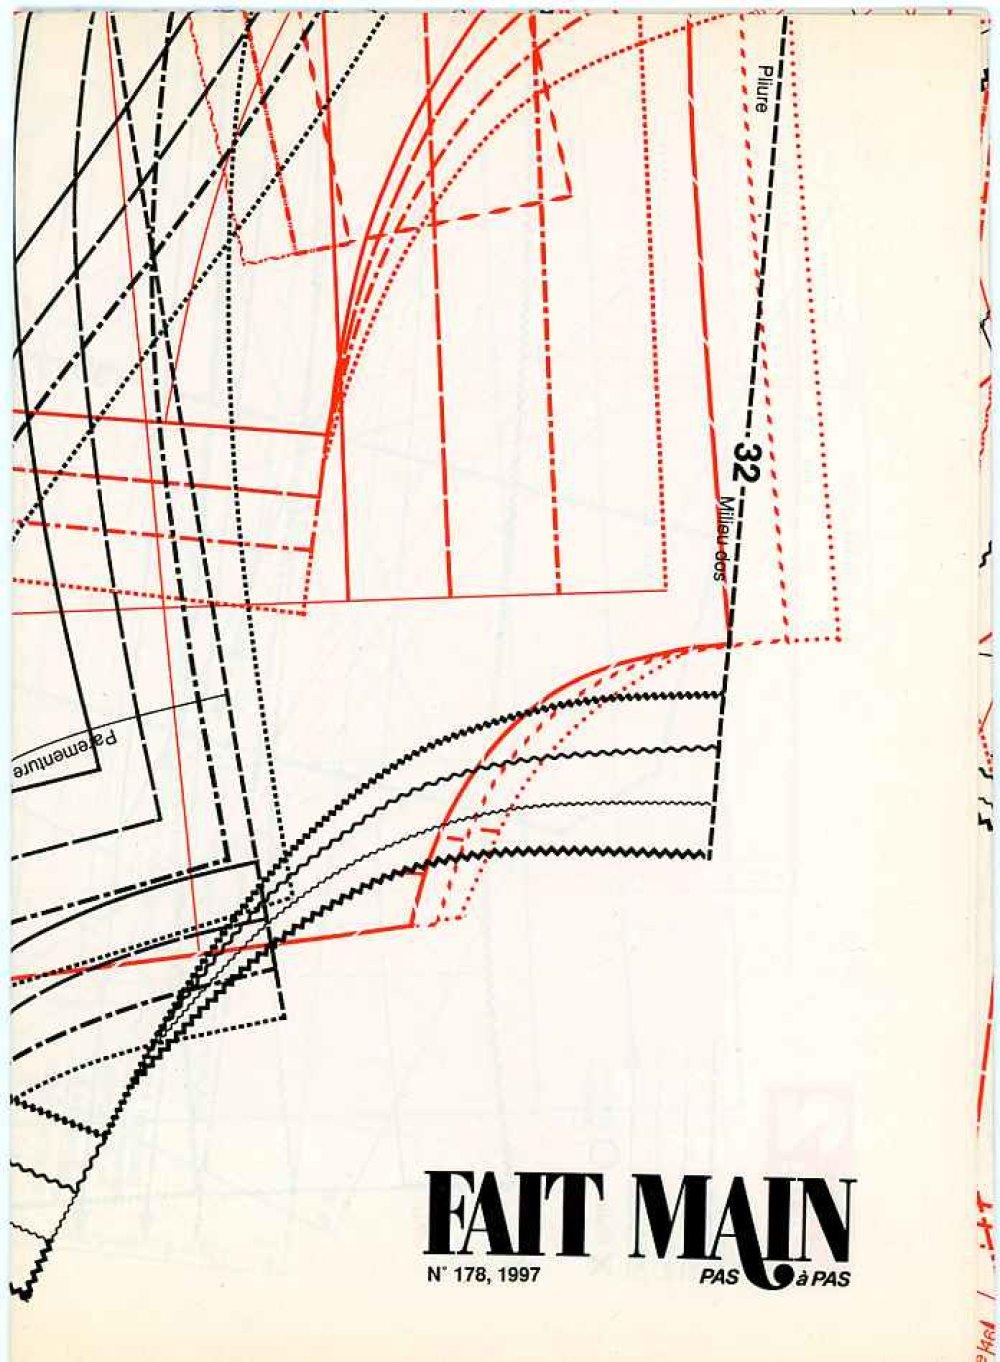 Catalogue Tricot FAIT MAIN n°178 /1997 avec explications et grilles en français